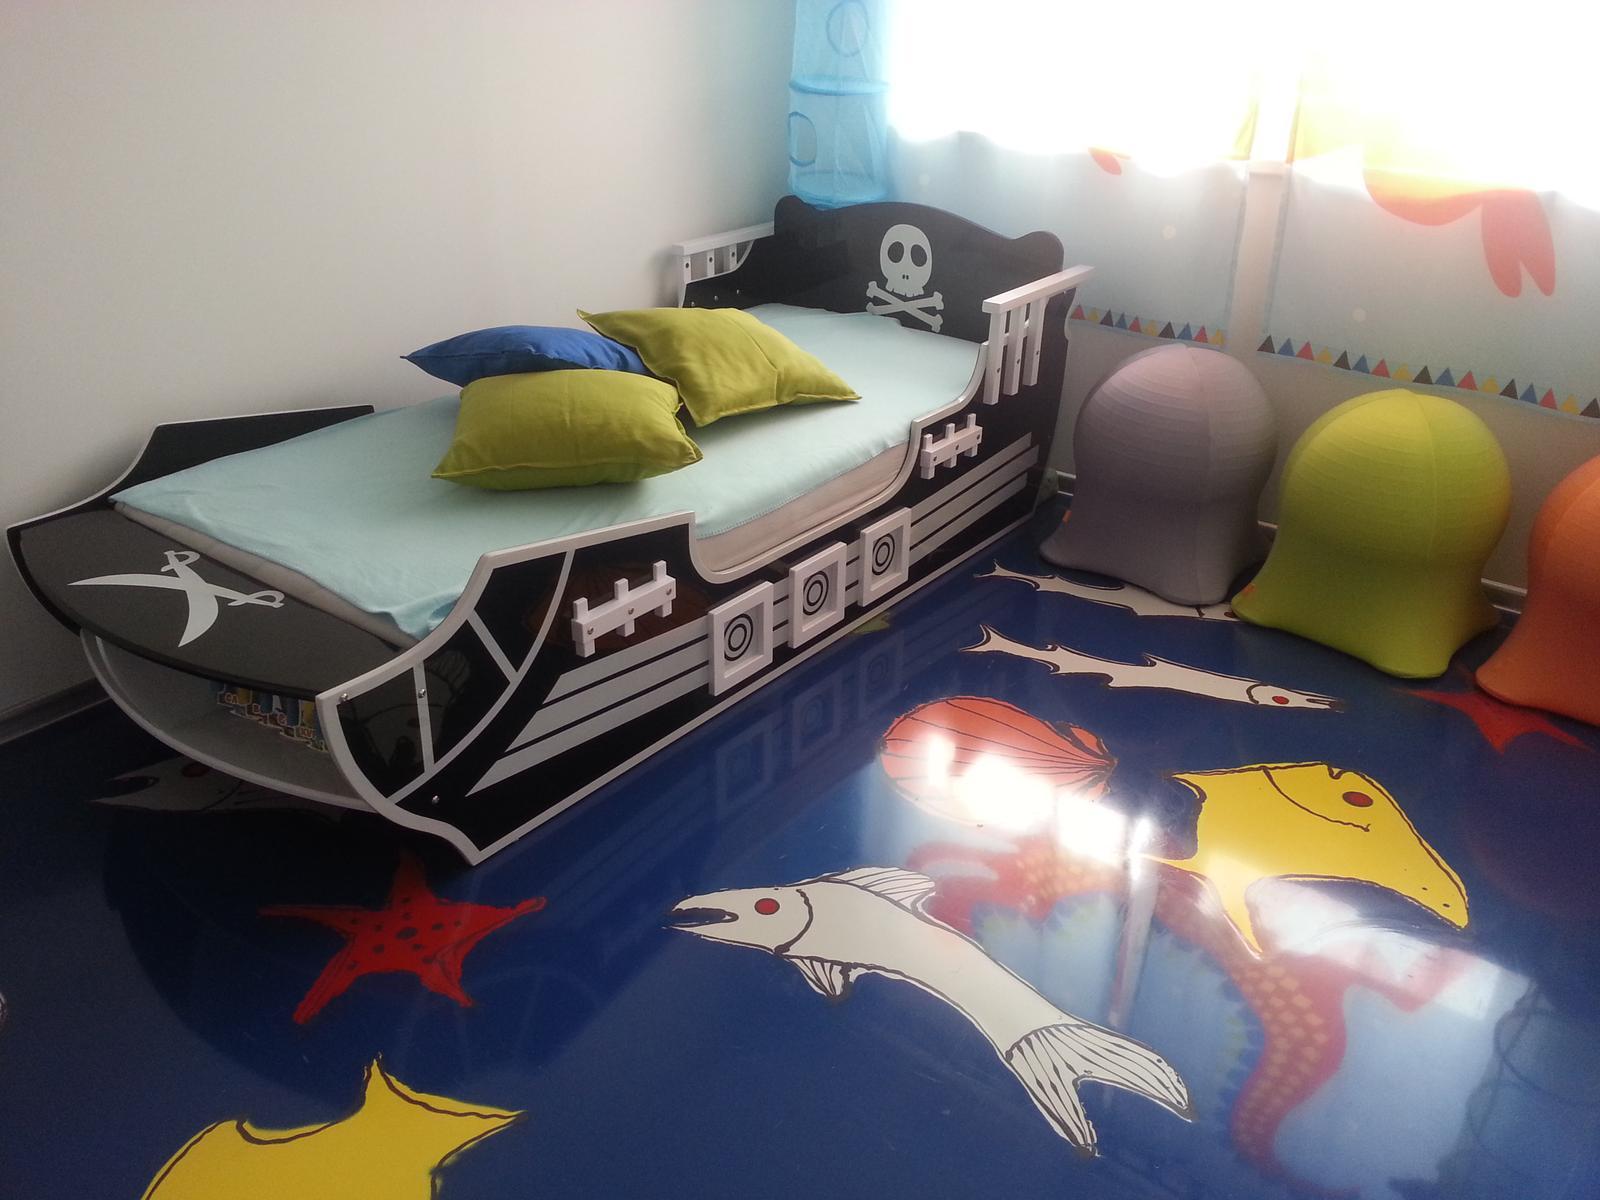 Detská izba - K posteli ešte pribudnú na stenu laná vypletené do povrazového rebríka. Pôjdu až po strop a v jednotlivých okách budú môcť byť zavesené rôzne sieťkované puzdrá na hračky :)